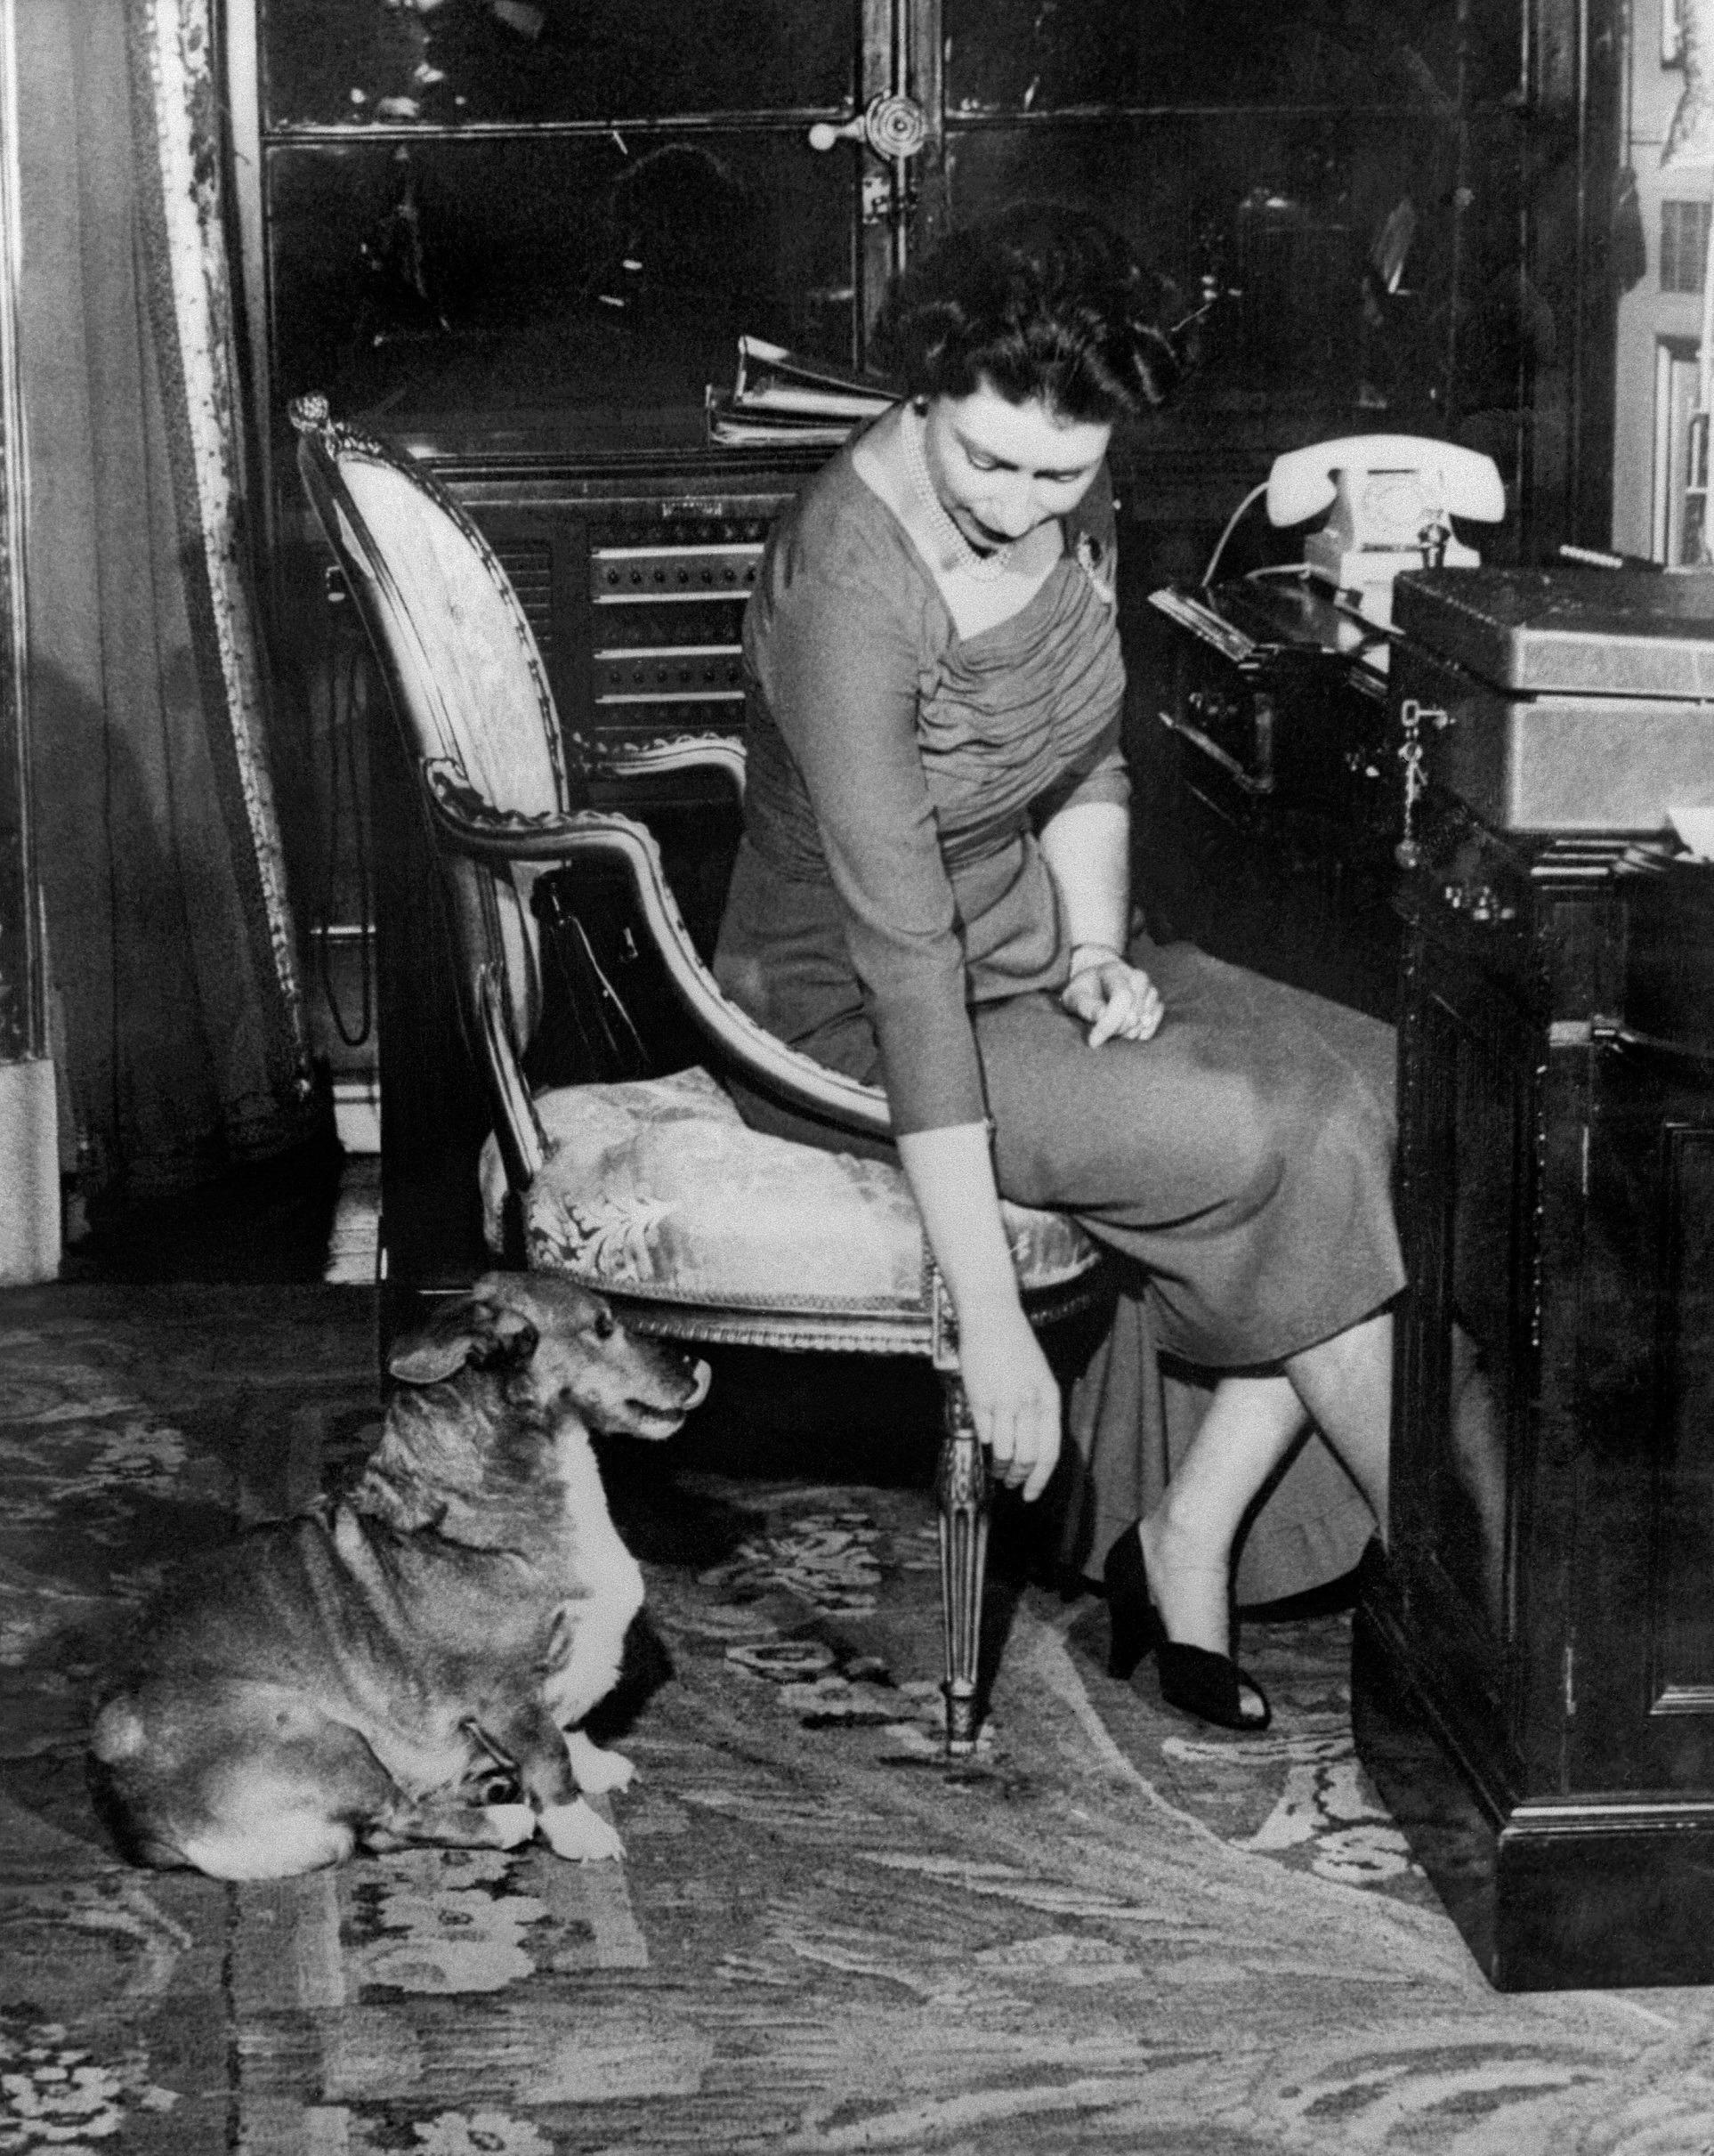 Britain's Queen Elizabeth II in her office with her corgi in 1959